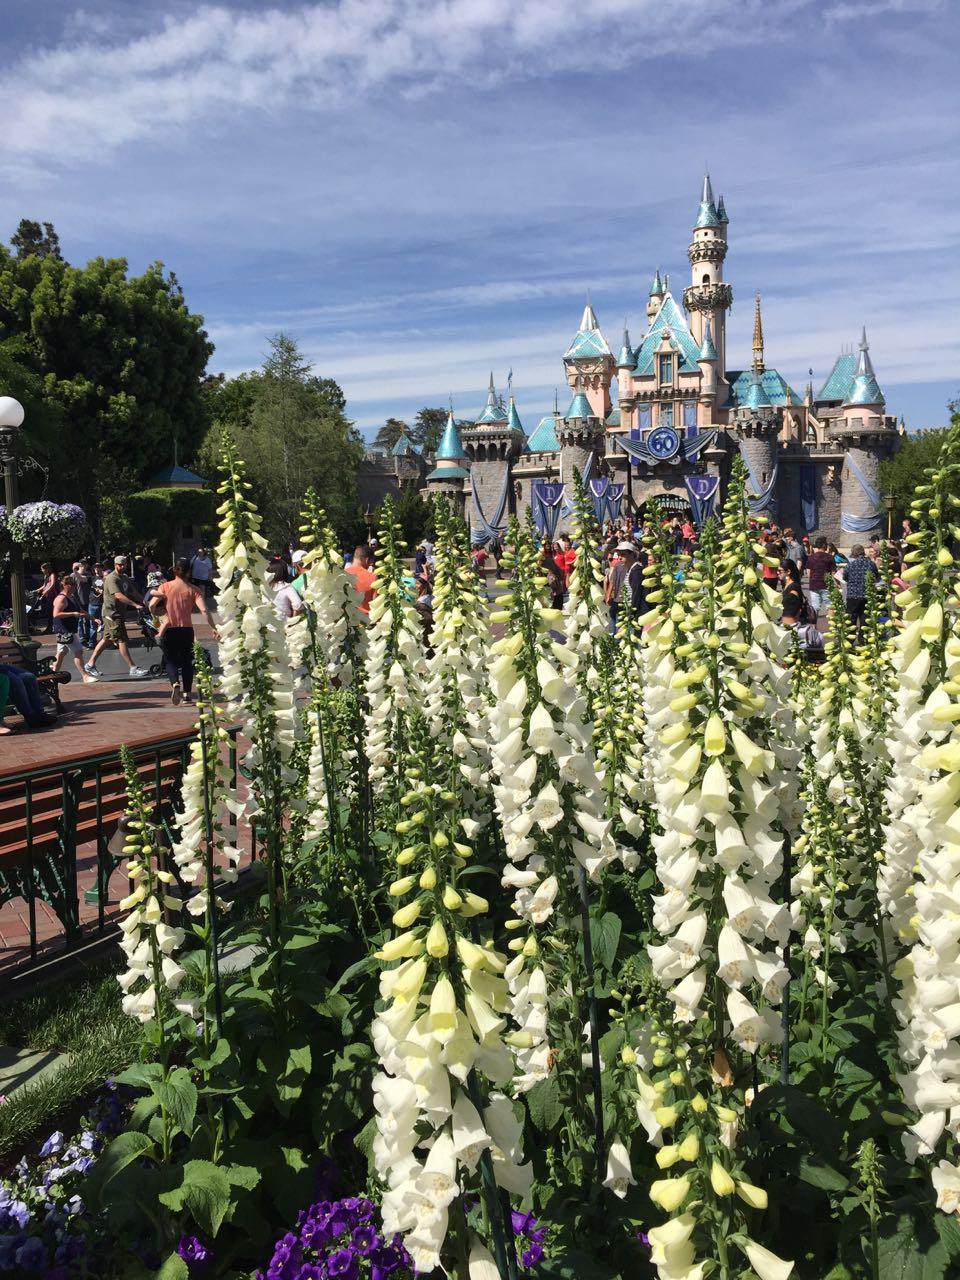 Sleeping Beauty Castle & Flowers